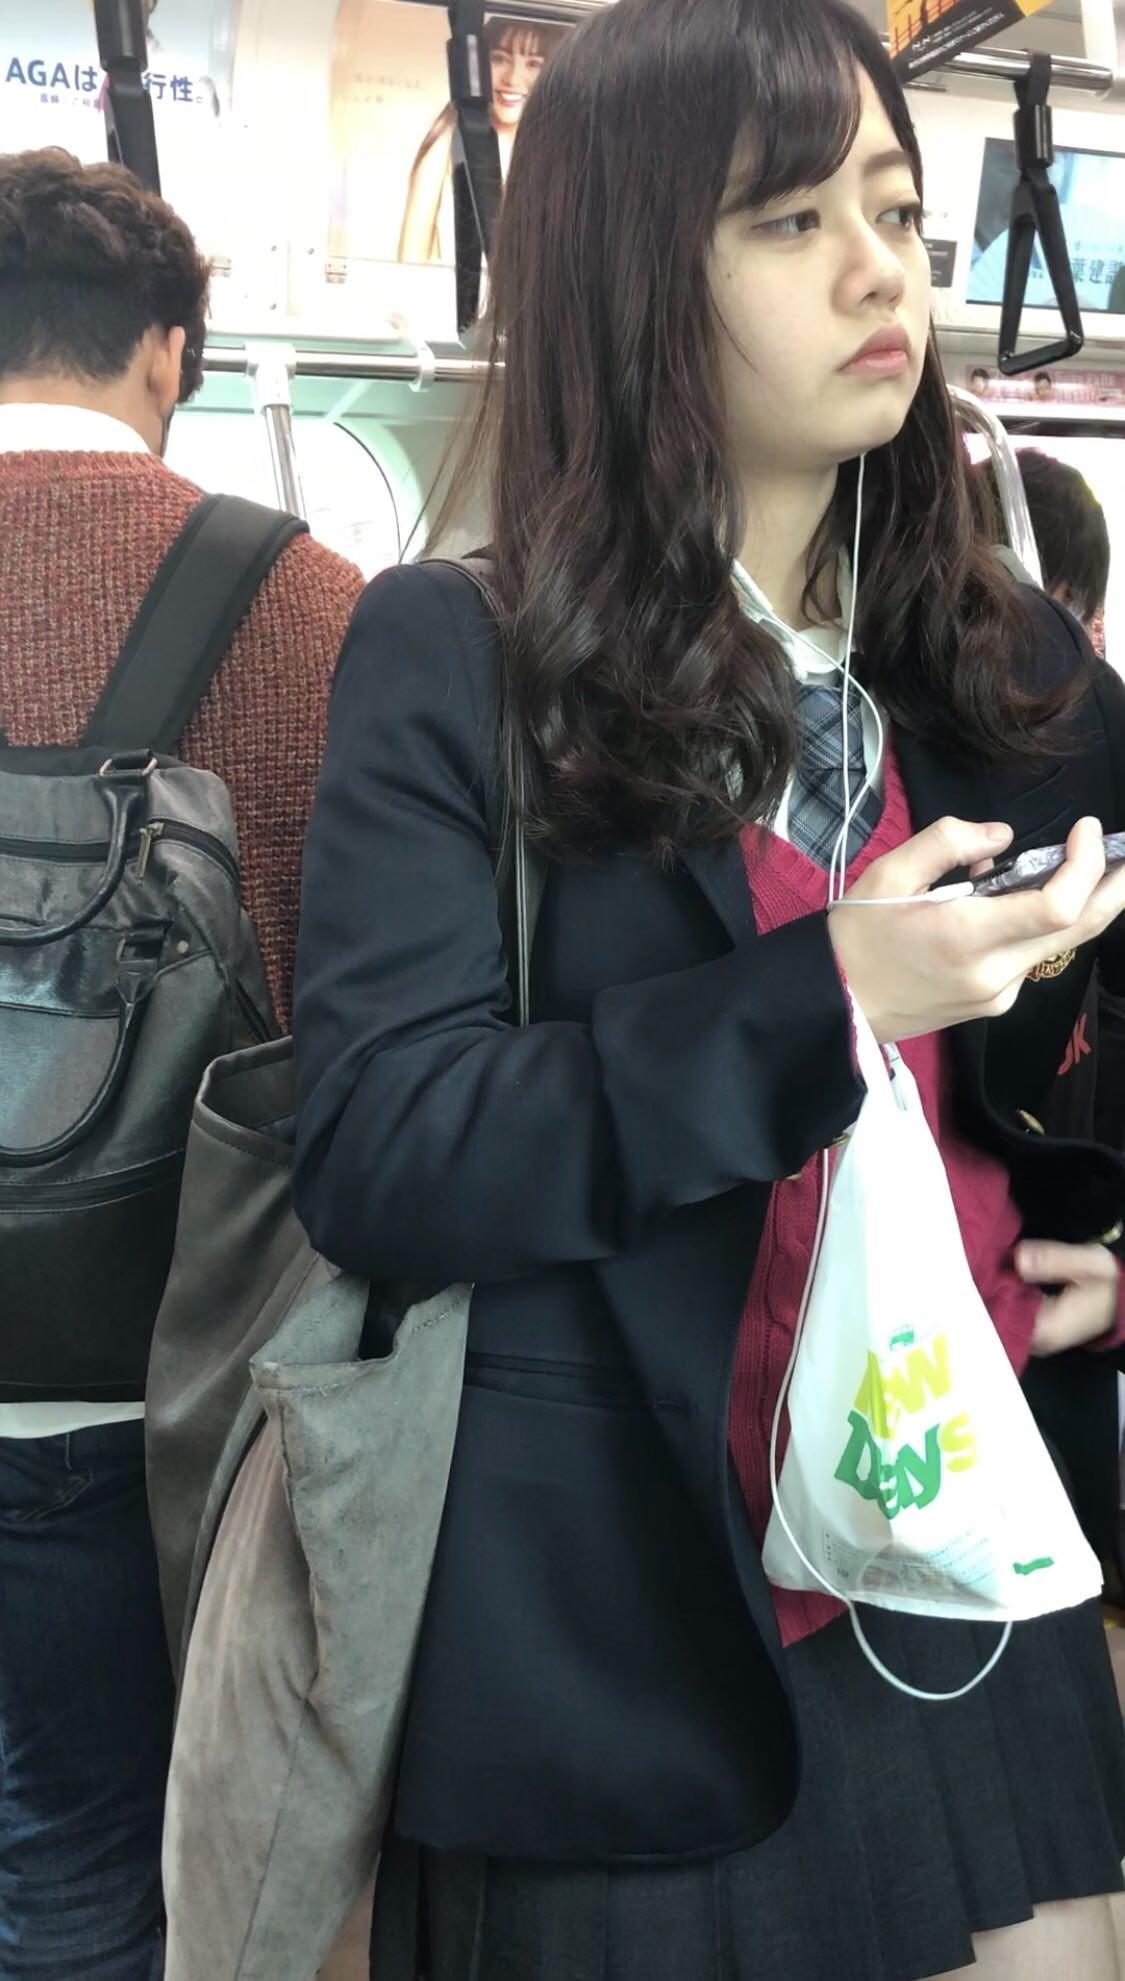 女子高生の太ももラブ♡♡♡♡♡♡♡♡♡♡♡♡♡♡♡♡♡♡♡♡ rG2sRbA